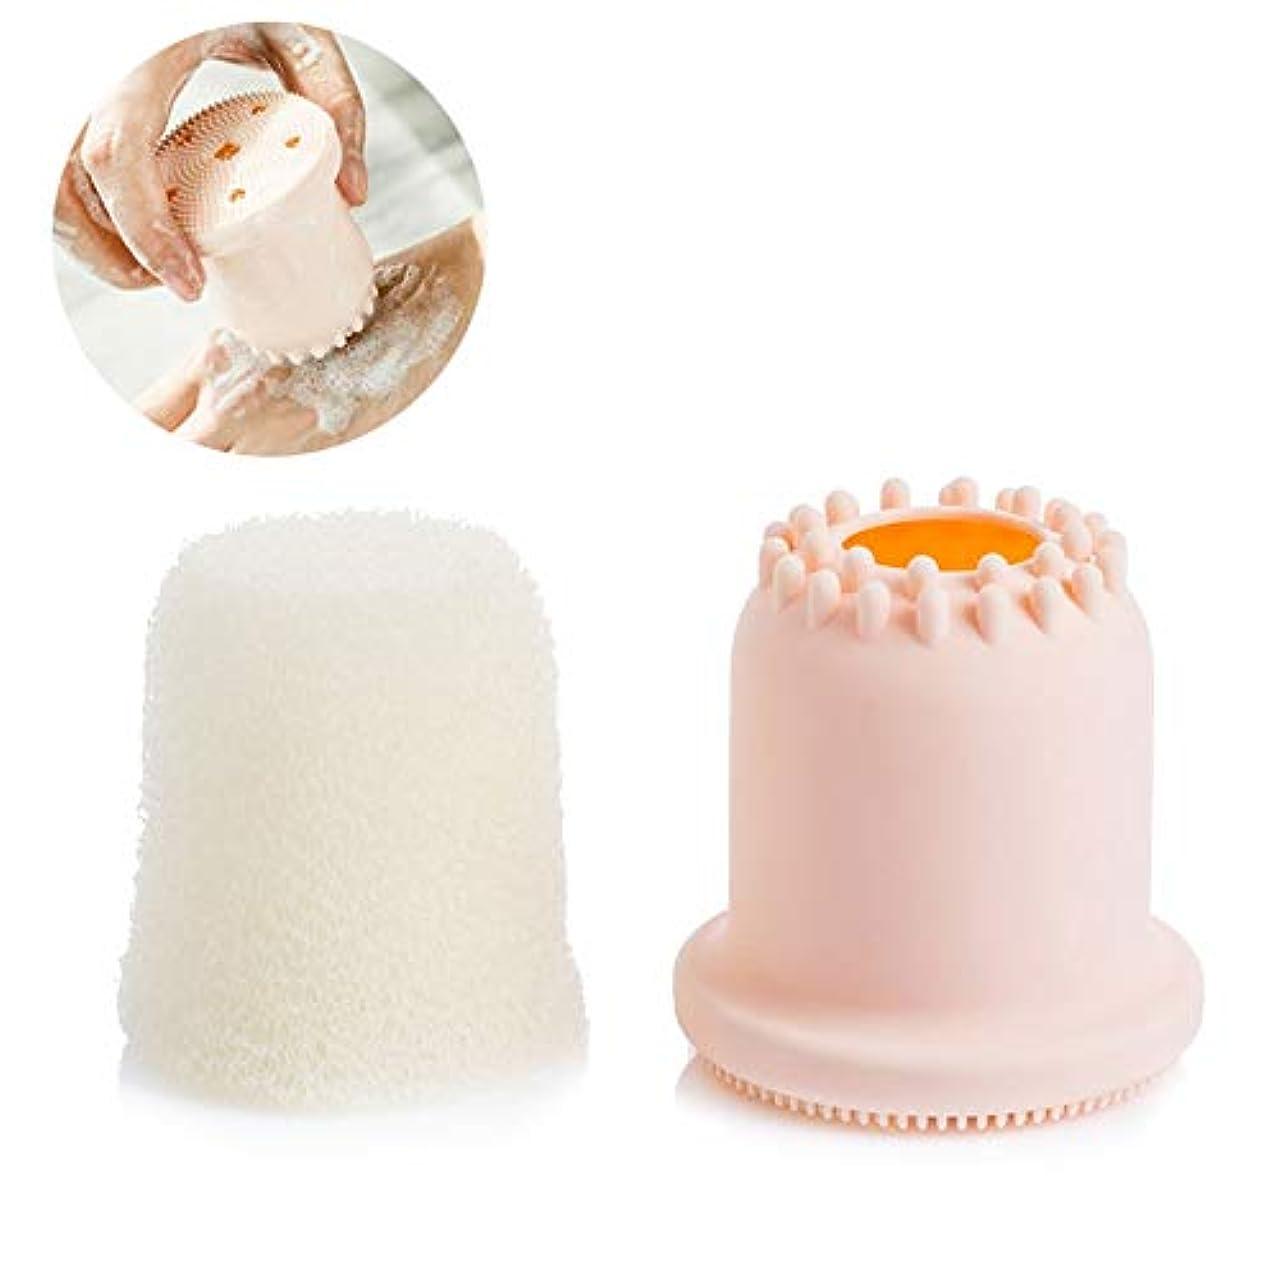 性能配る溶かすクレンジングブラシ、剥離クレンジングブラシ、手動洗浄ブラシ、ディープクリーニング